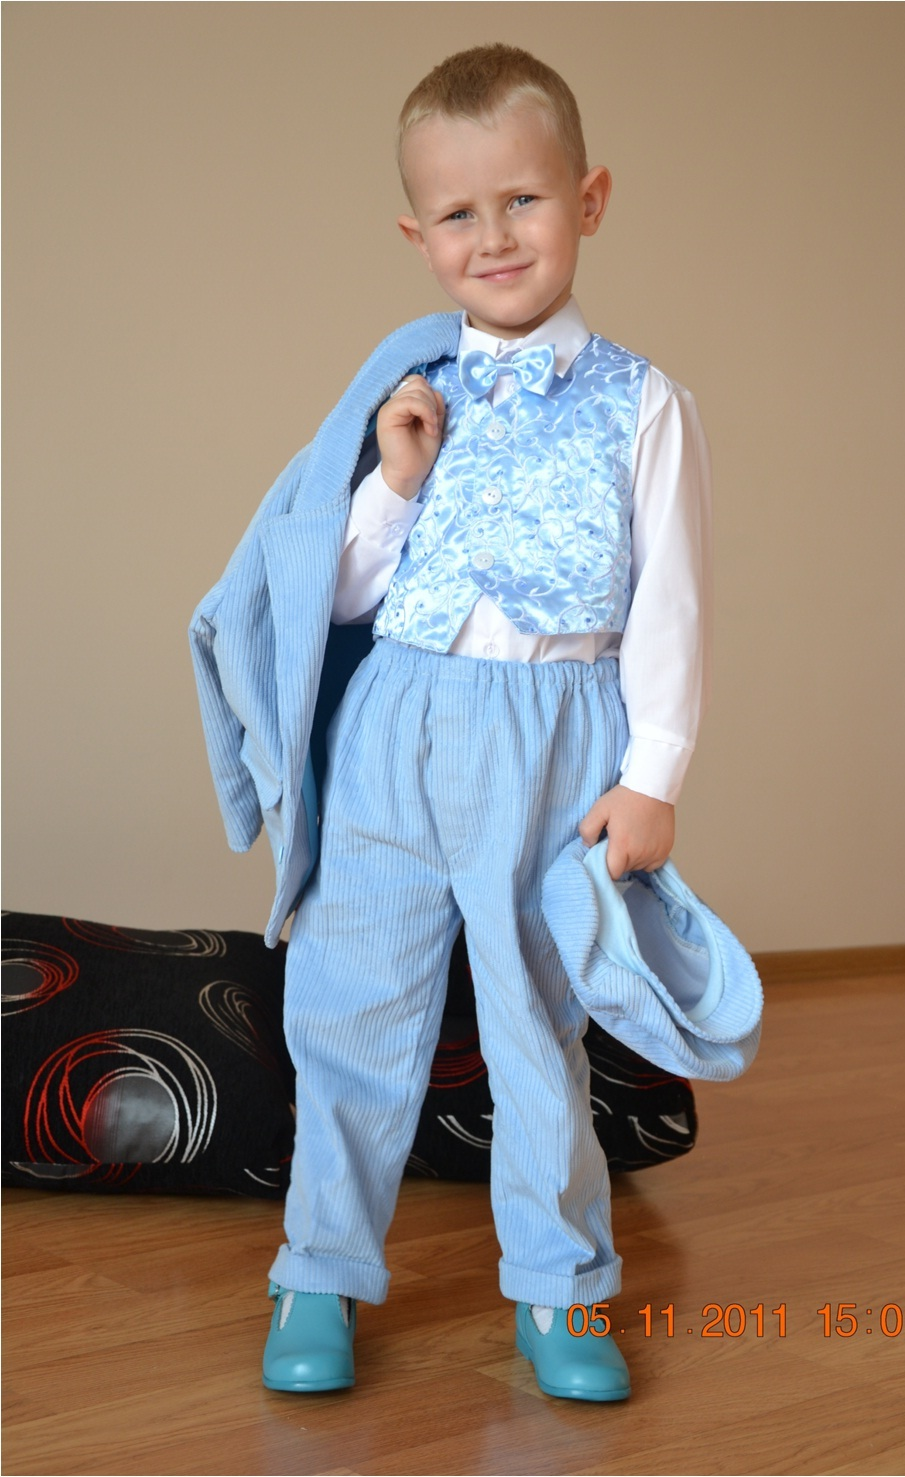 Костюм на хлопчика 2 роки - Фотогалерея - Костюми для хлопчиків ... 92607206ae131